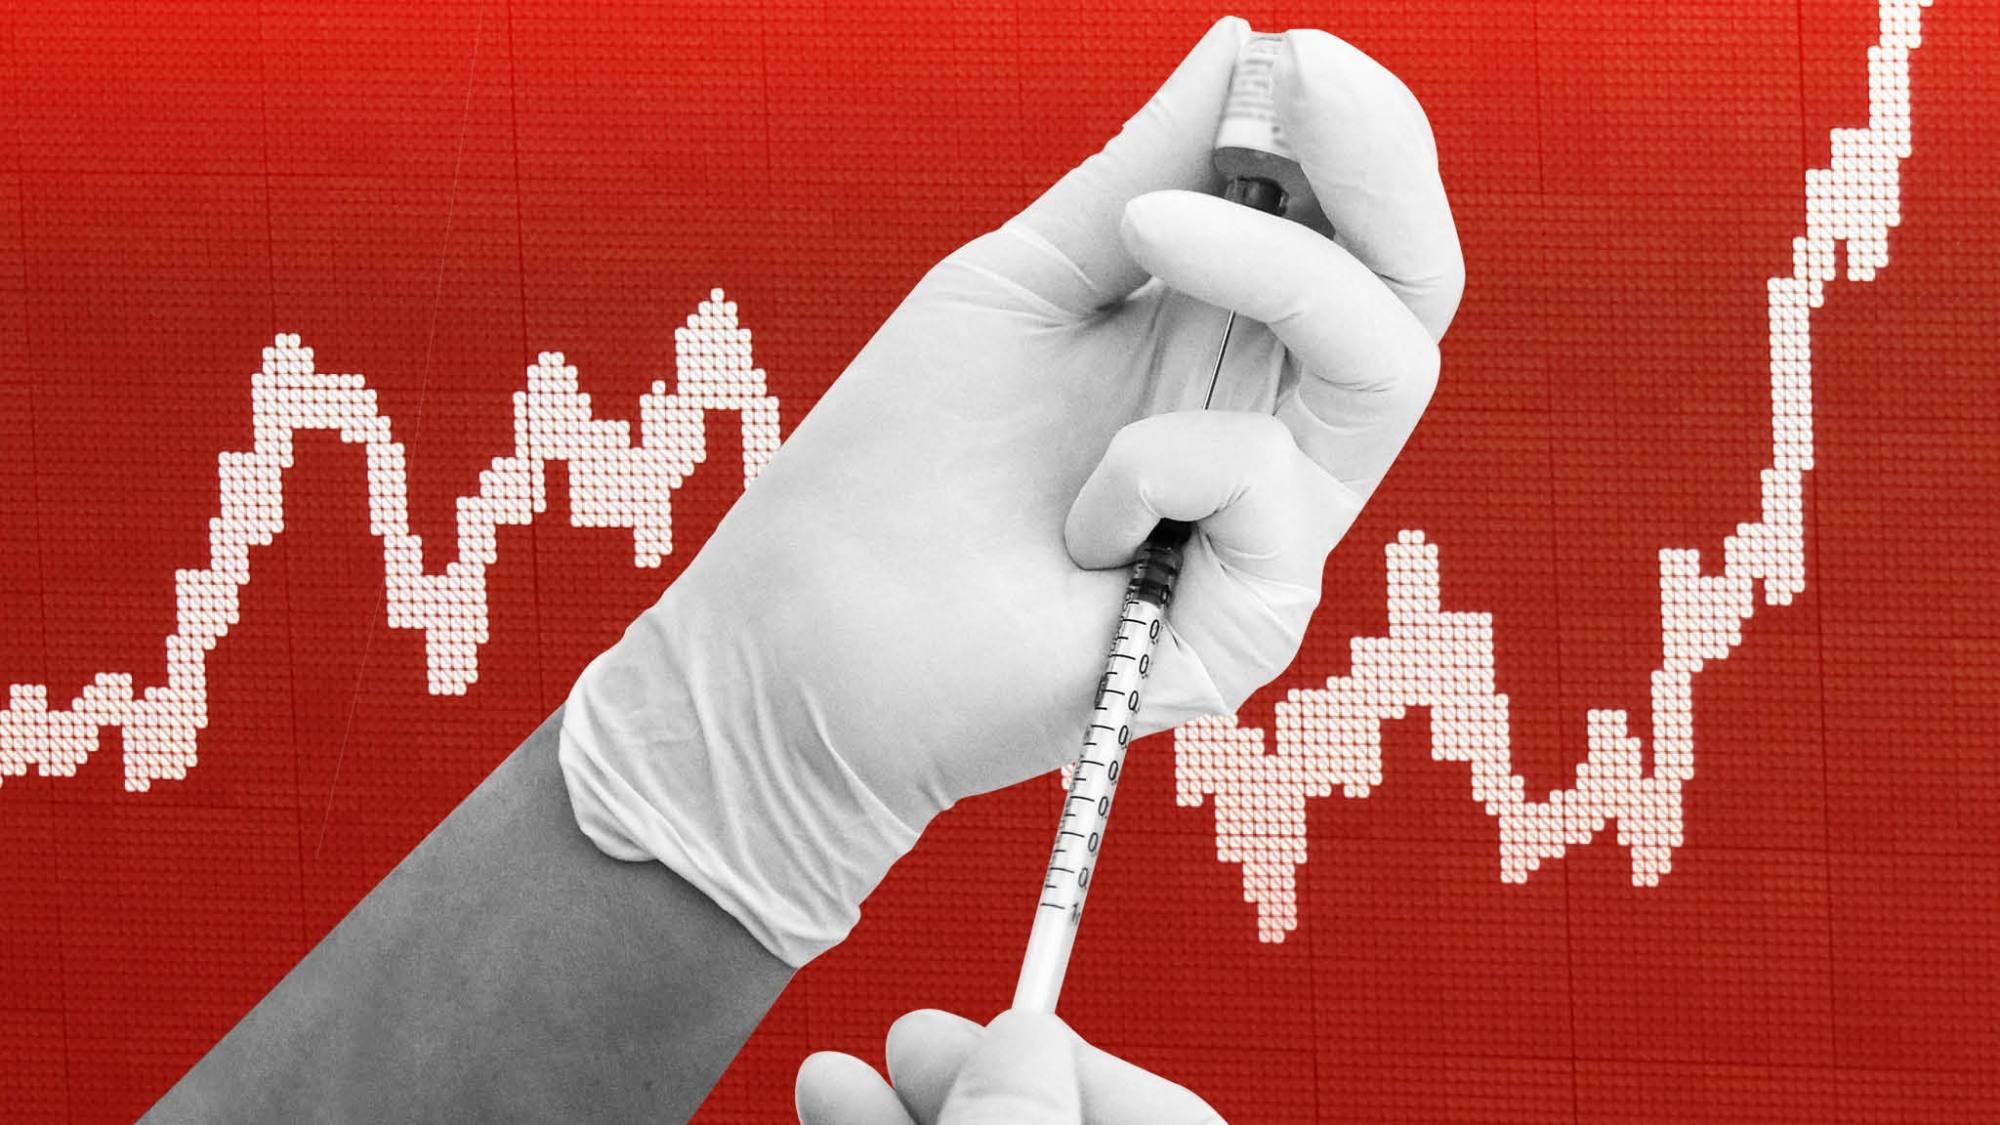 vaccine stocks - Коронавирус. Вакцины. Pfizer и BioNTech: первая реальная победа над ковидом! [Обновлено]